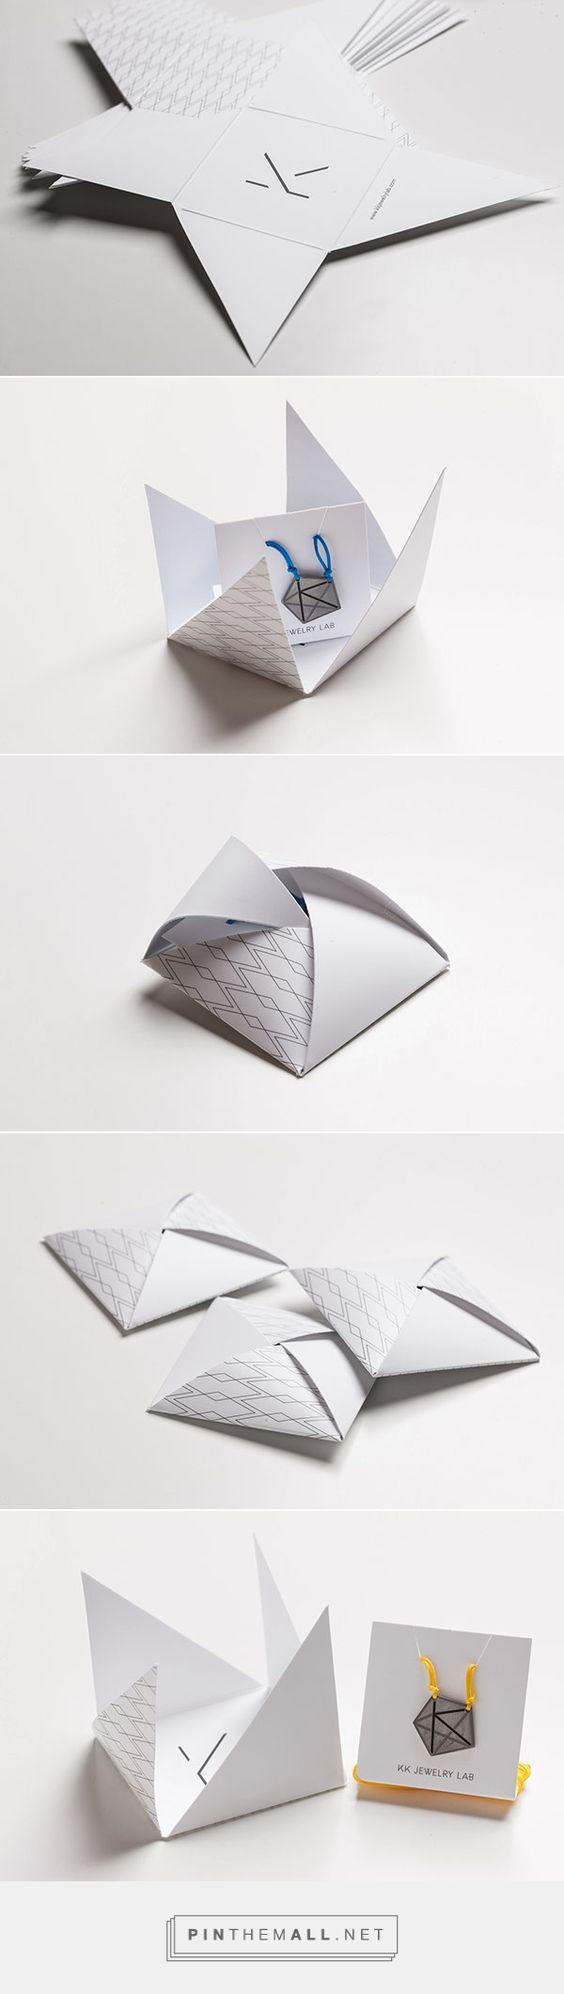 KK handmade jewelry packaging Maria Romanidou